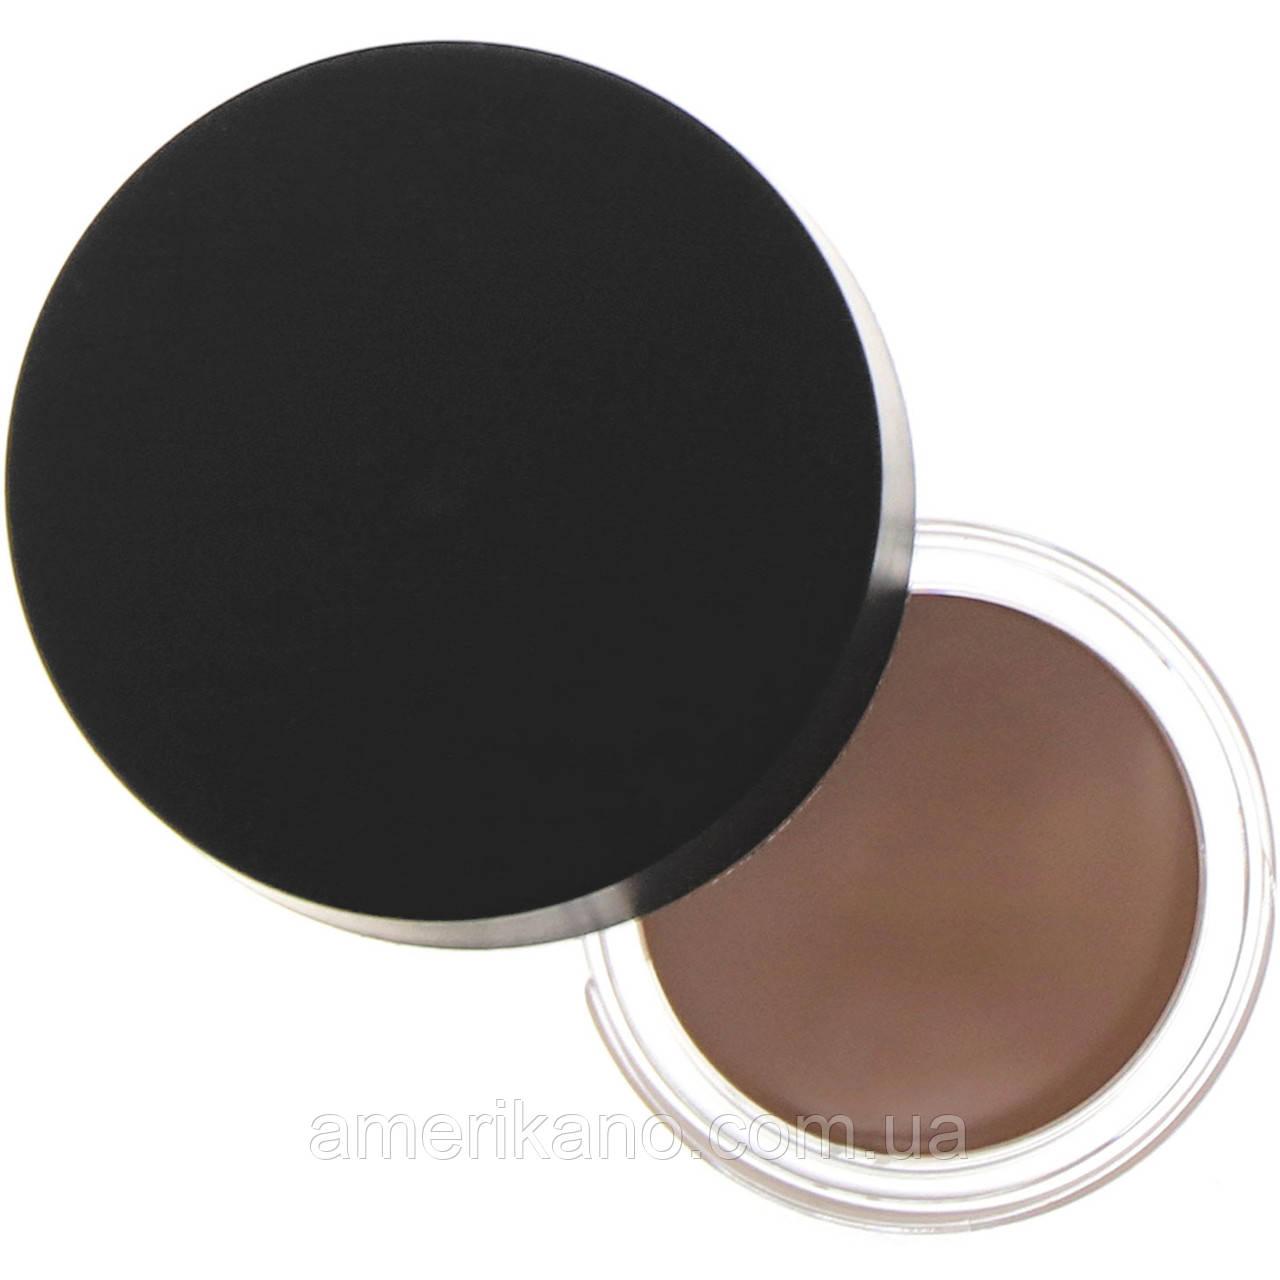 Крем для бровей и подводка E.L.F. Cosmetics, Lock On, светло-коричневый